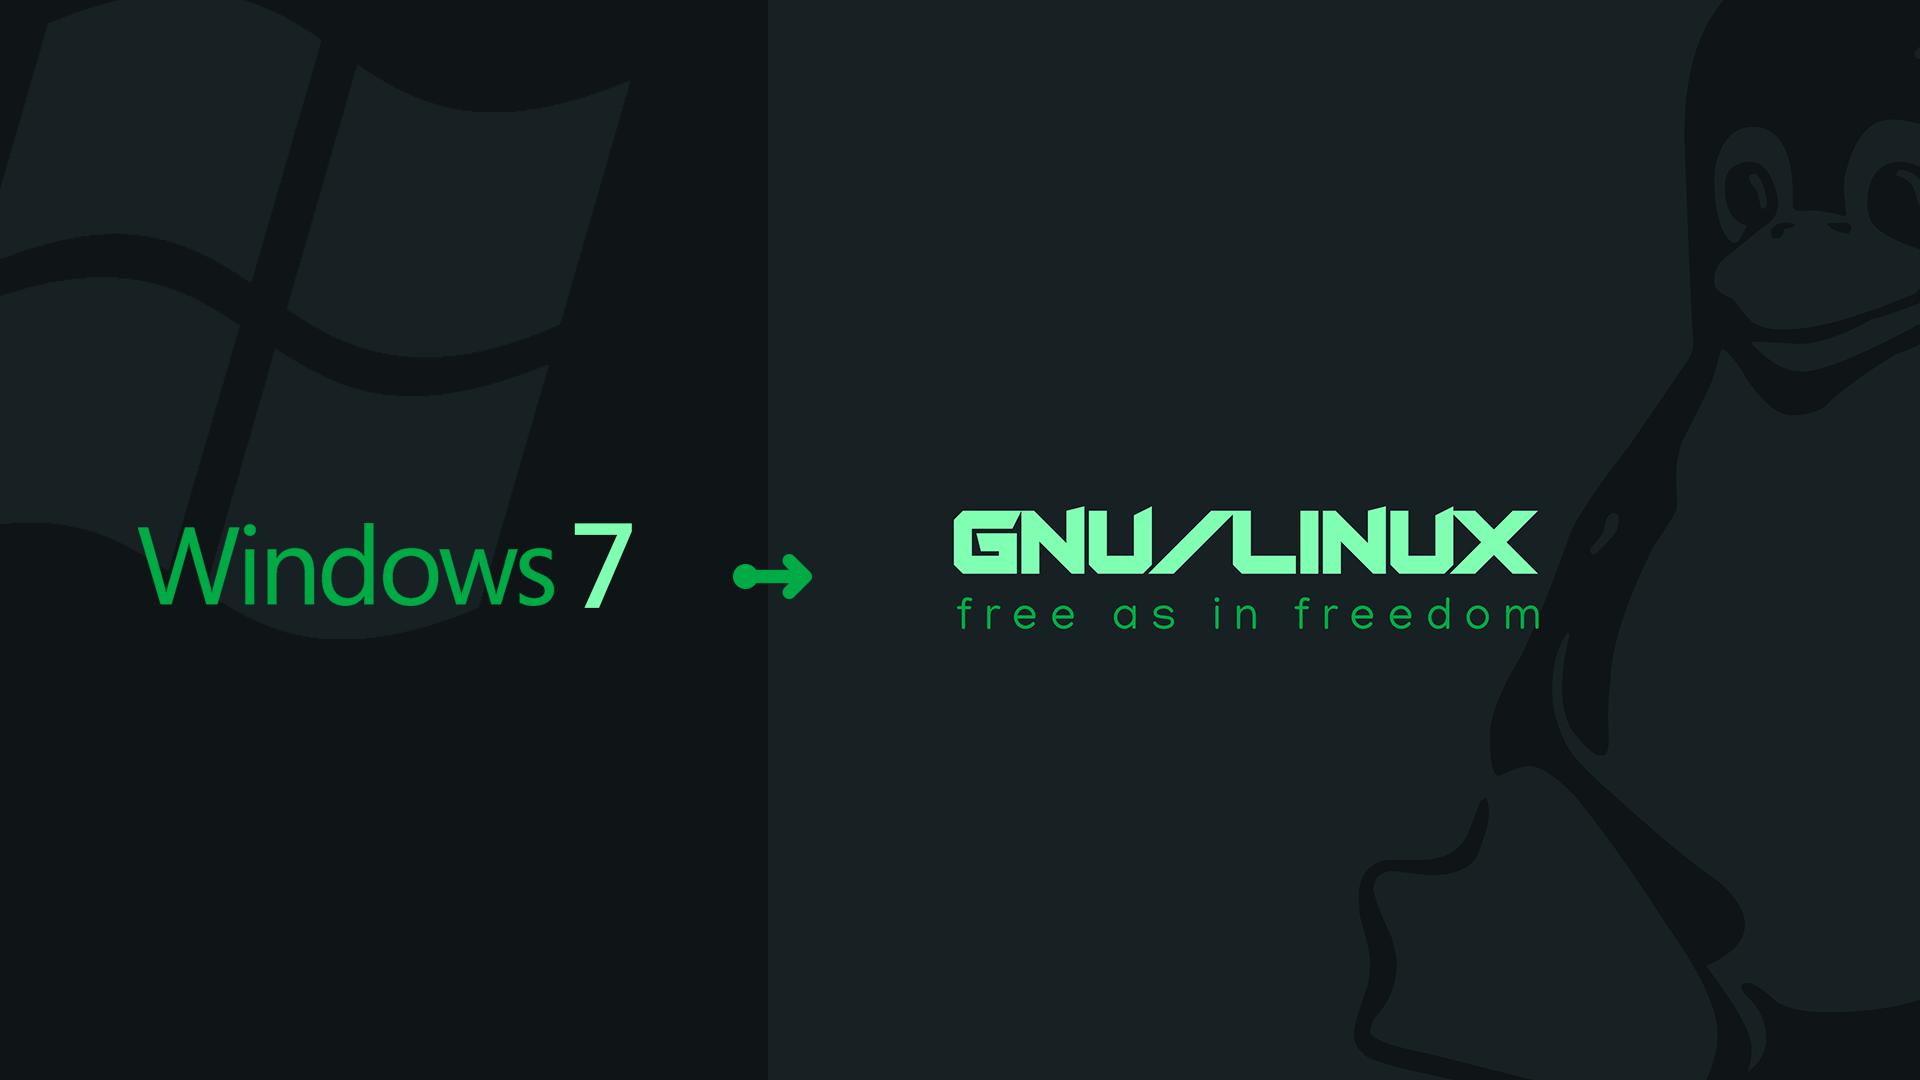 نحوه ارتقاء از ویندوز 7 به گنو/لینوکس